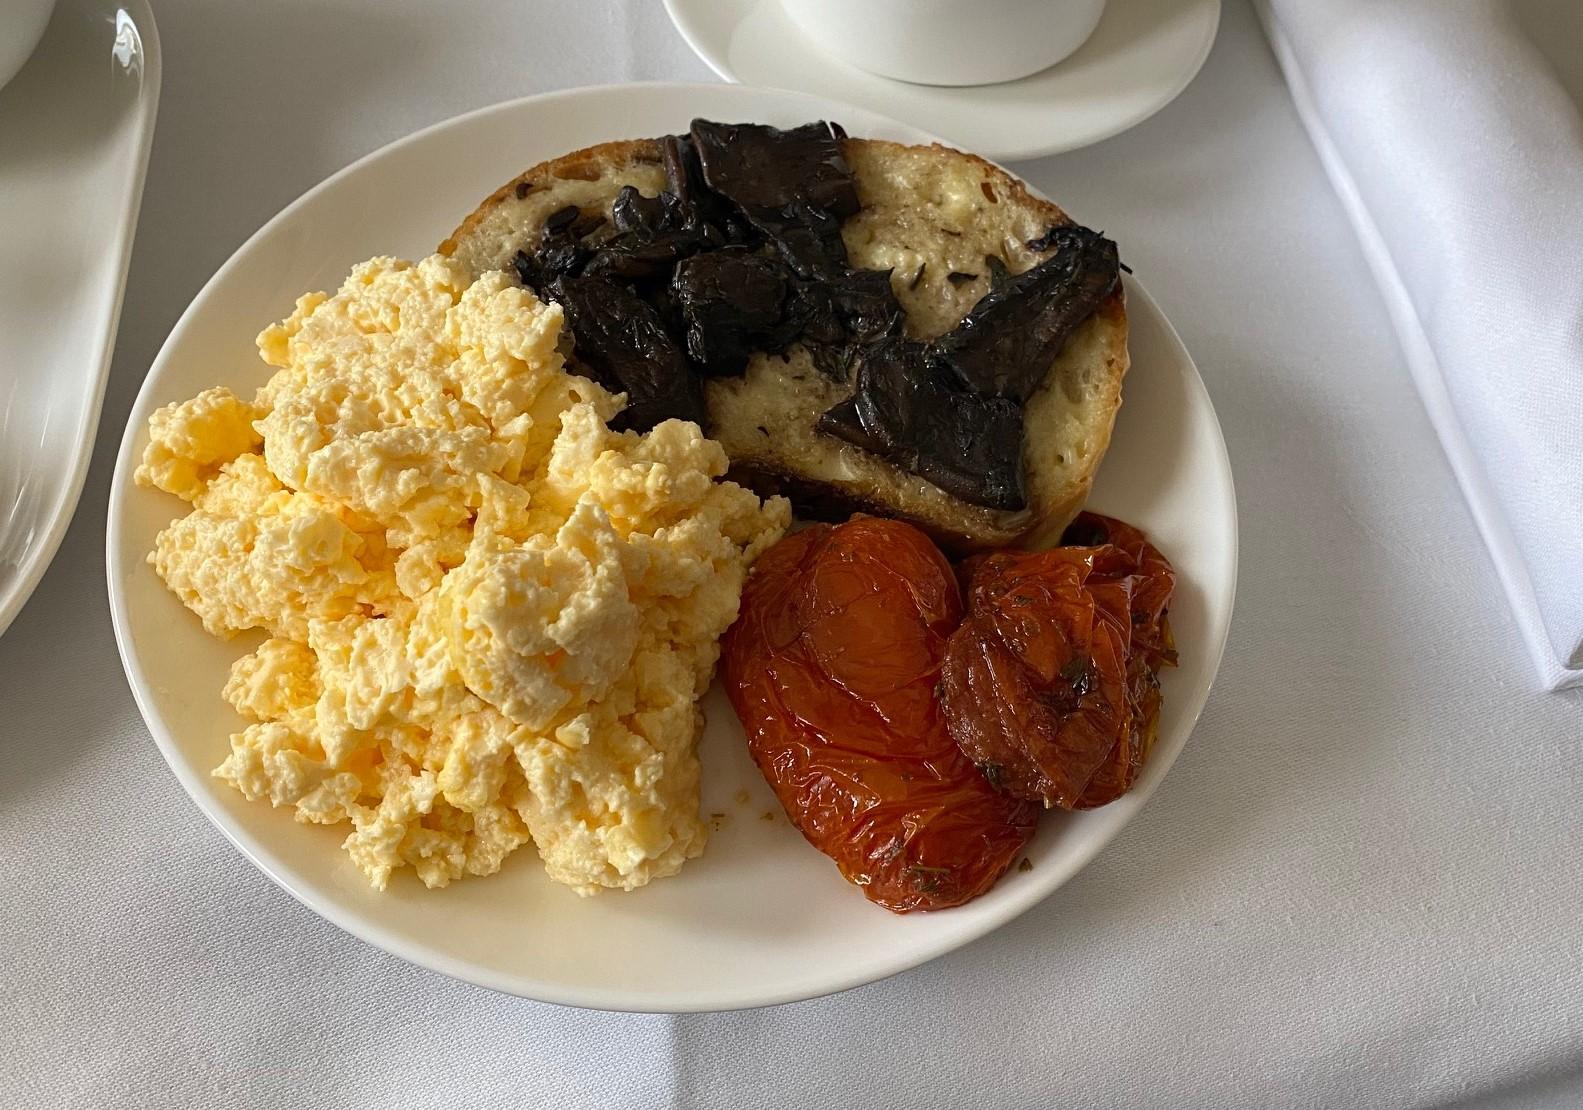 Qantas A-330, Business Class Breakfast